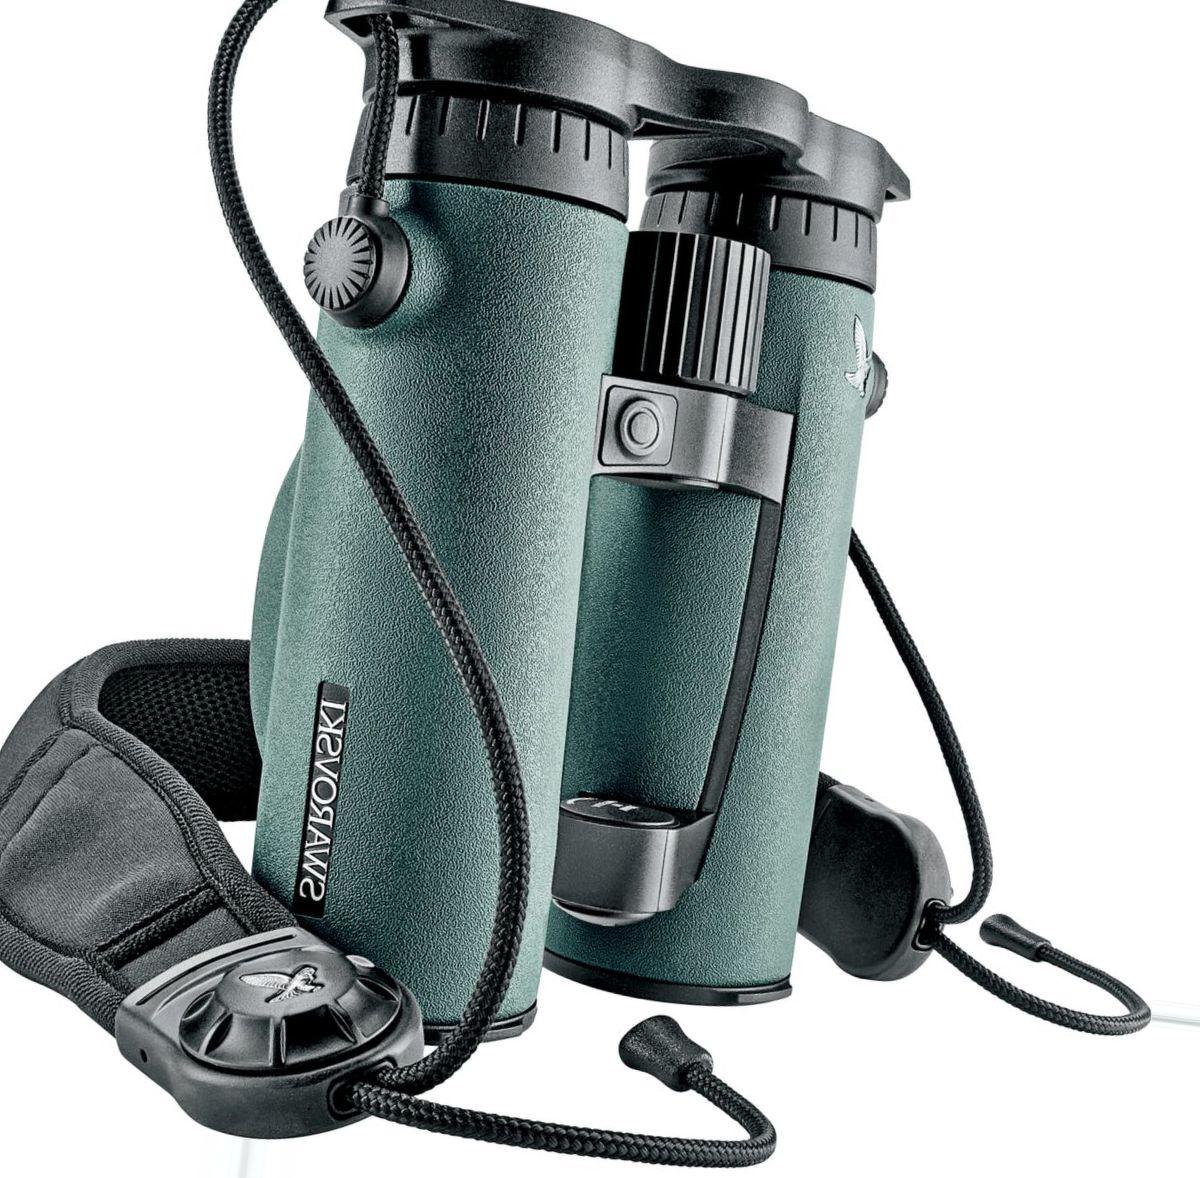 Swarovski EL Range Rangefinding Binoculars